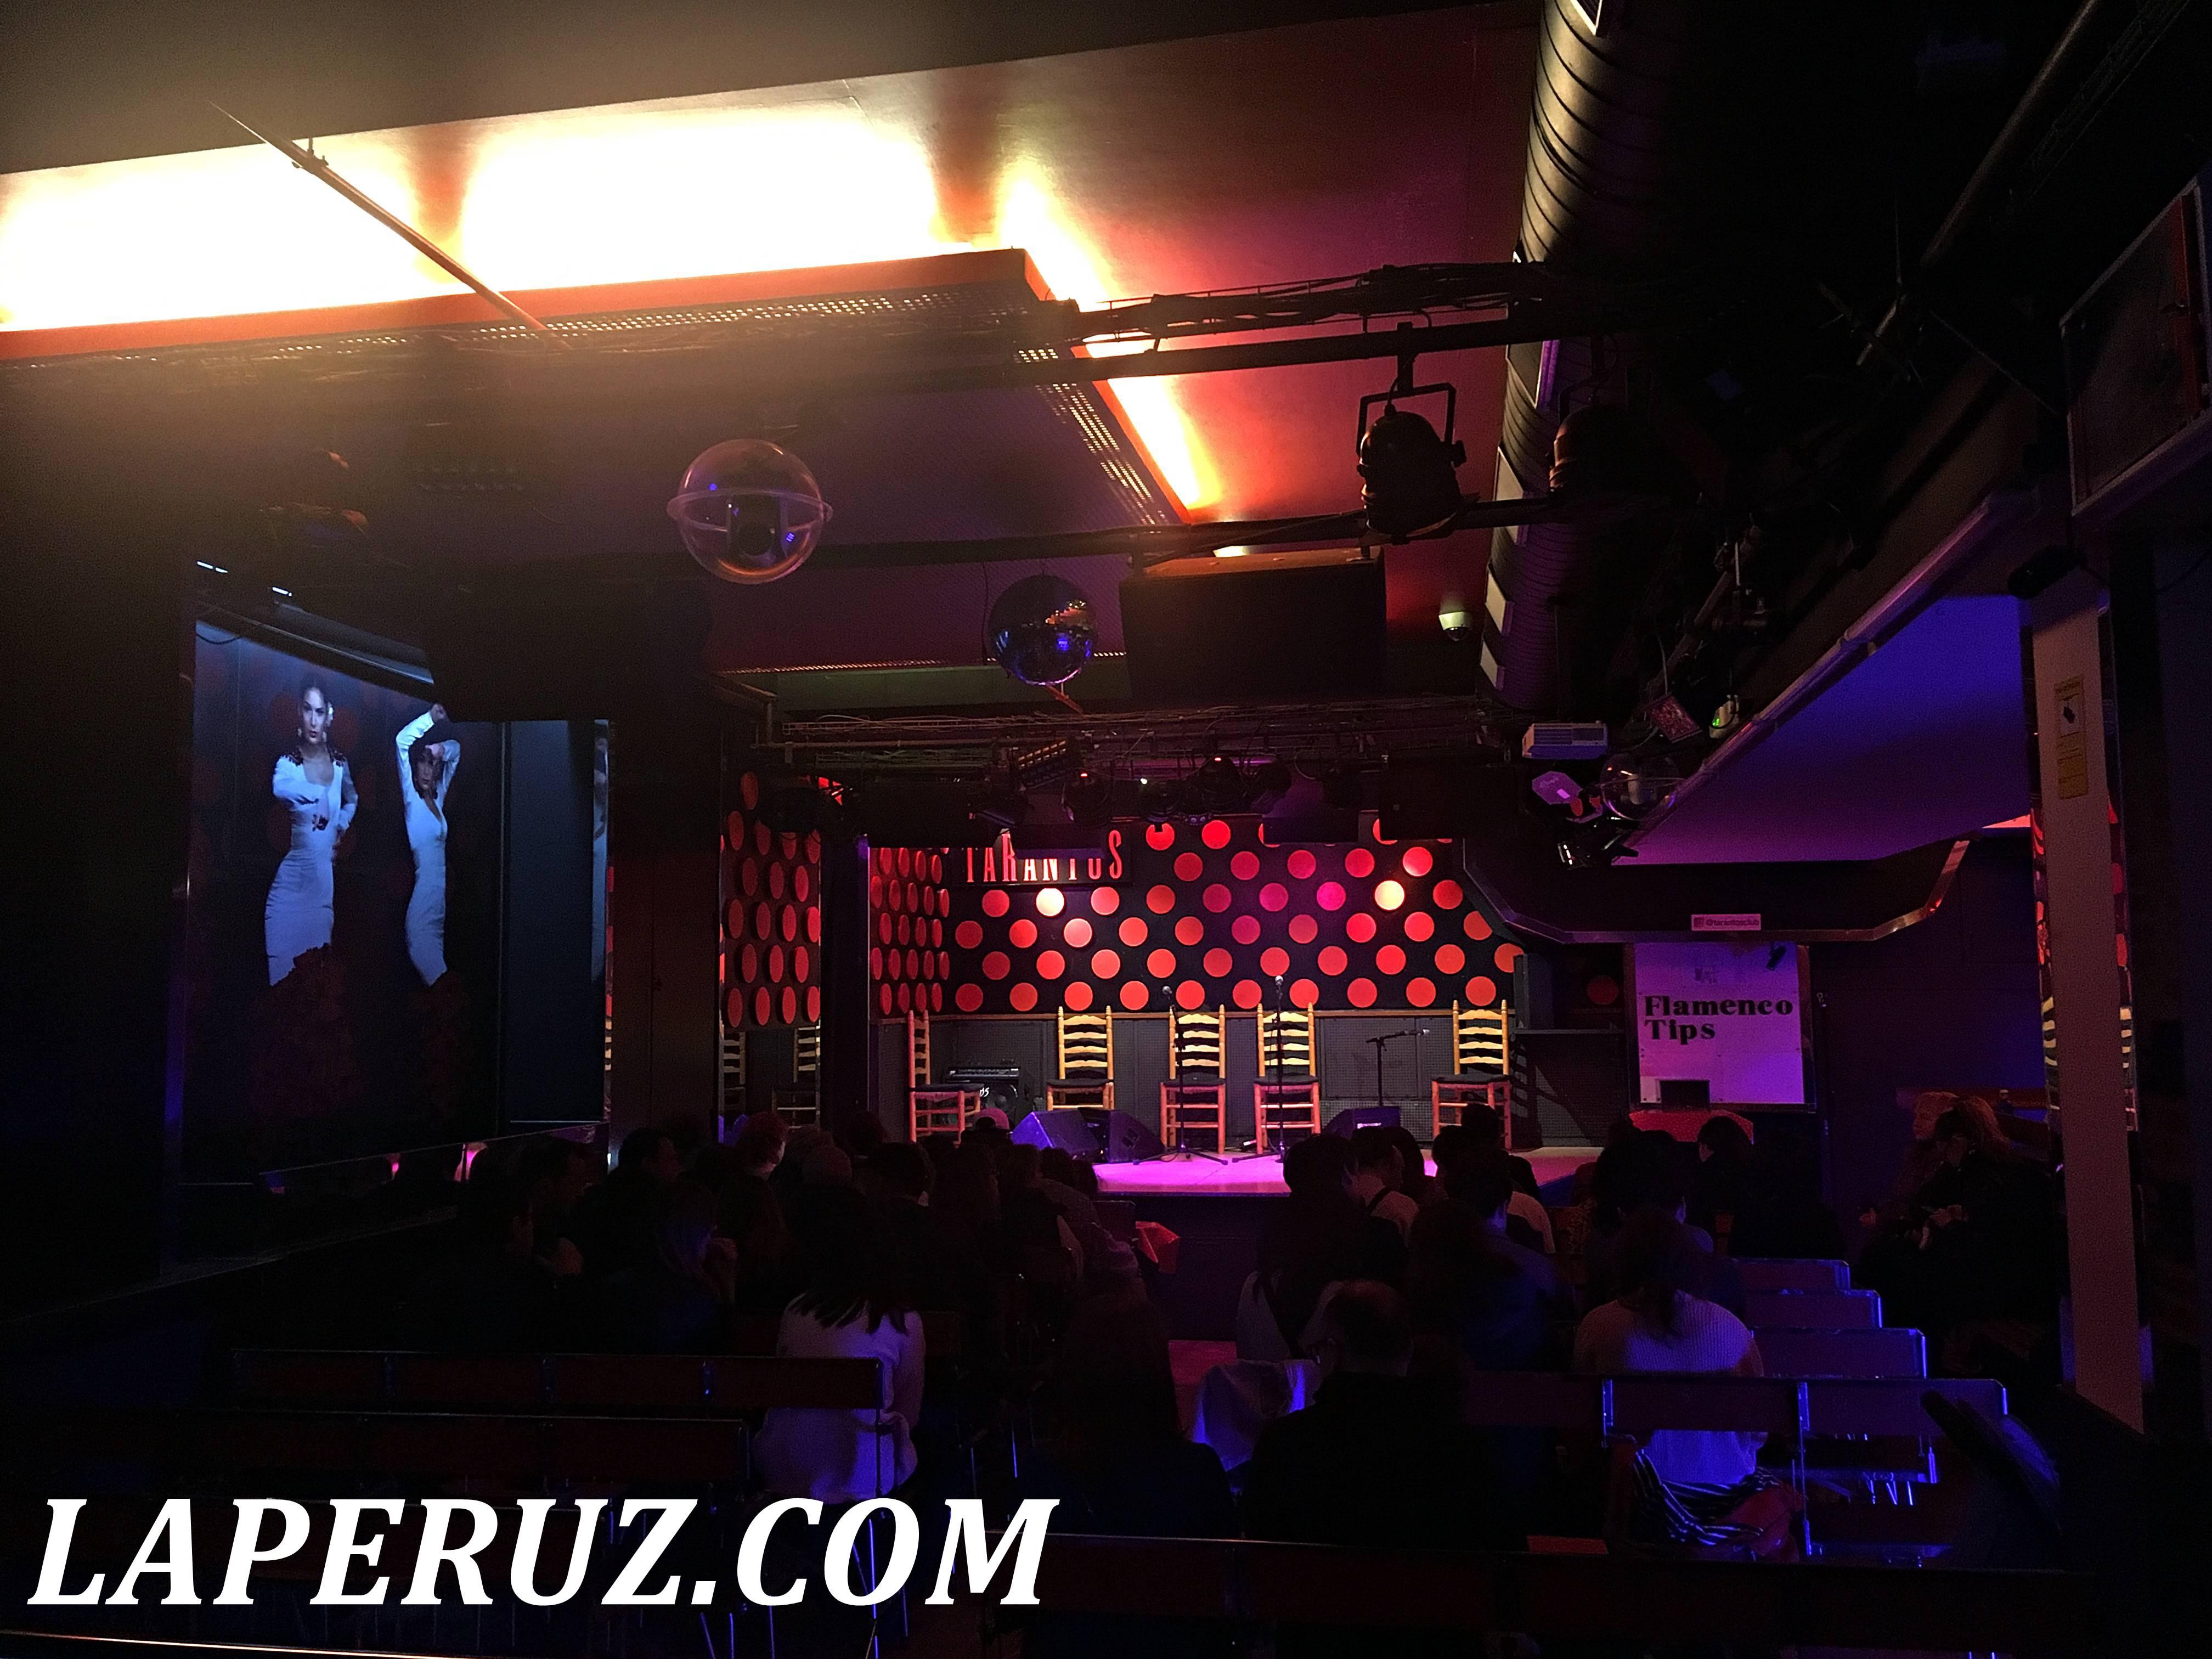 flamenco_scena_los_tarantos